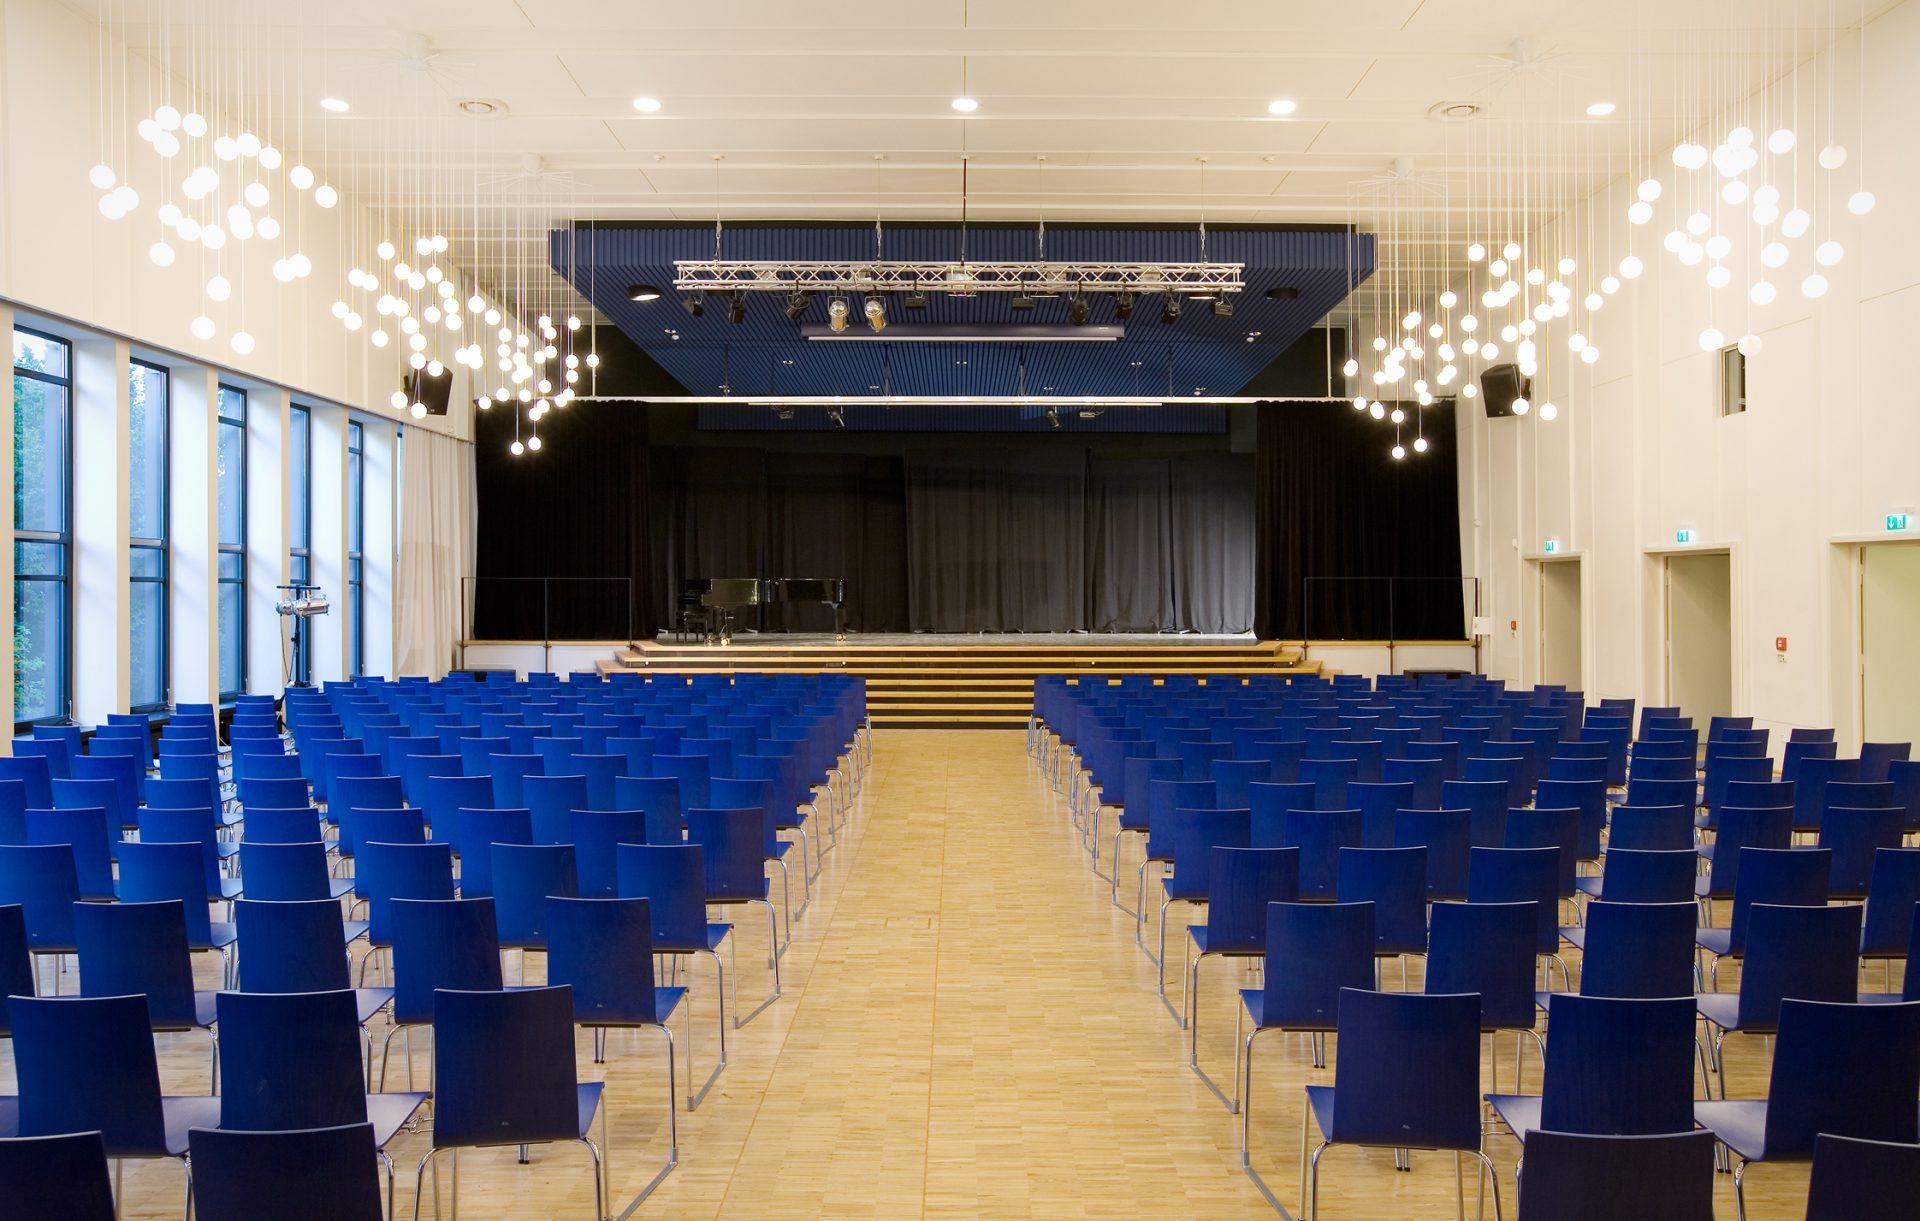 http://www.stricker-architekten.de/projekte/tellkampfschule-hannover-umbau-sanierung-aula-und-einbau-mensa/